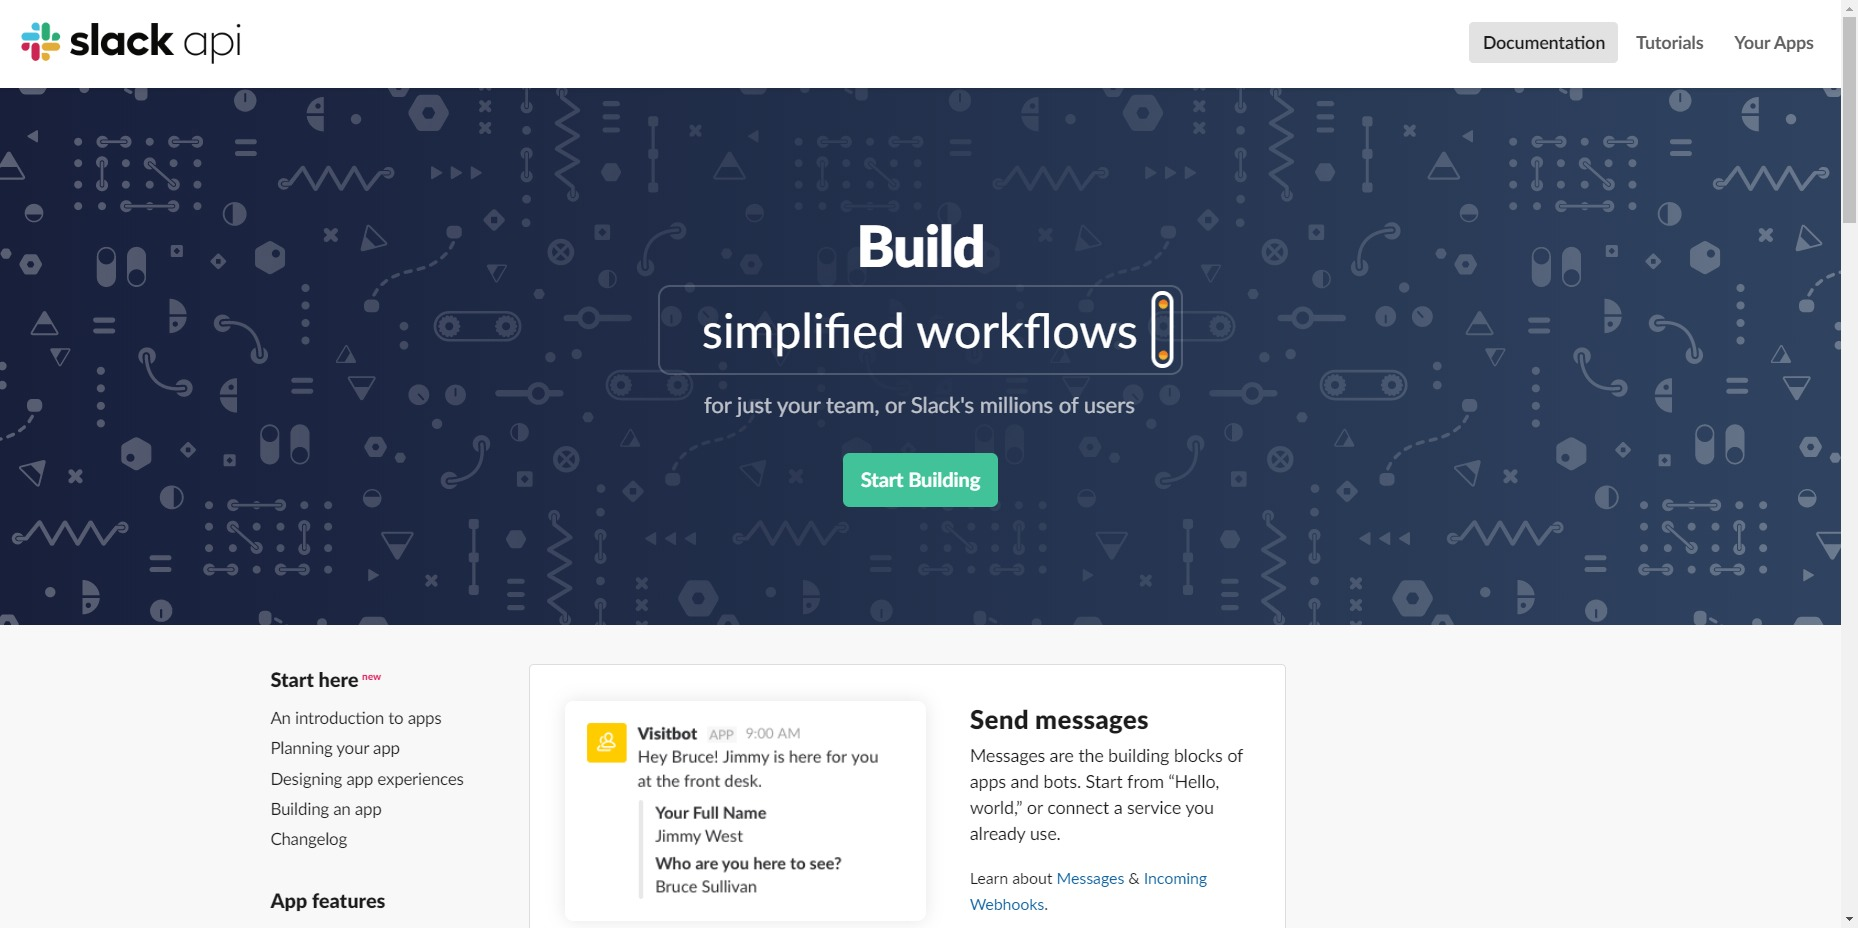 Slack APIのトップページ